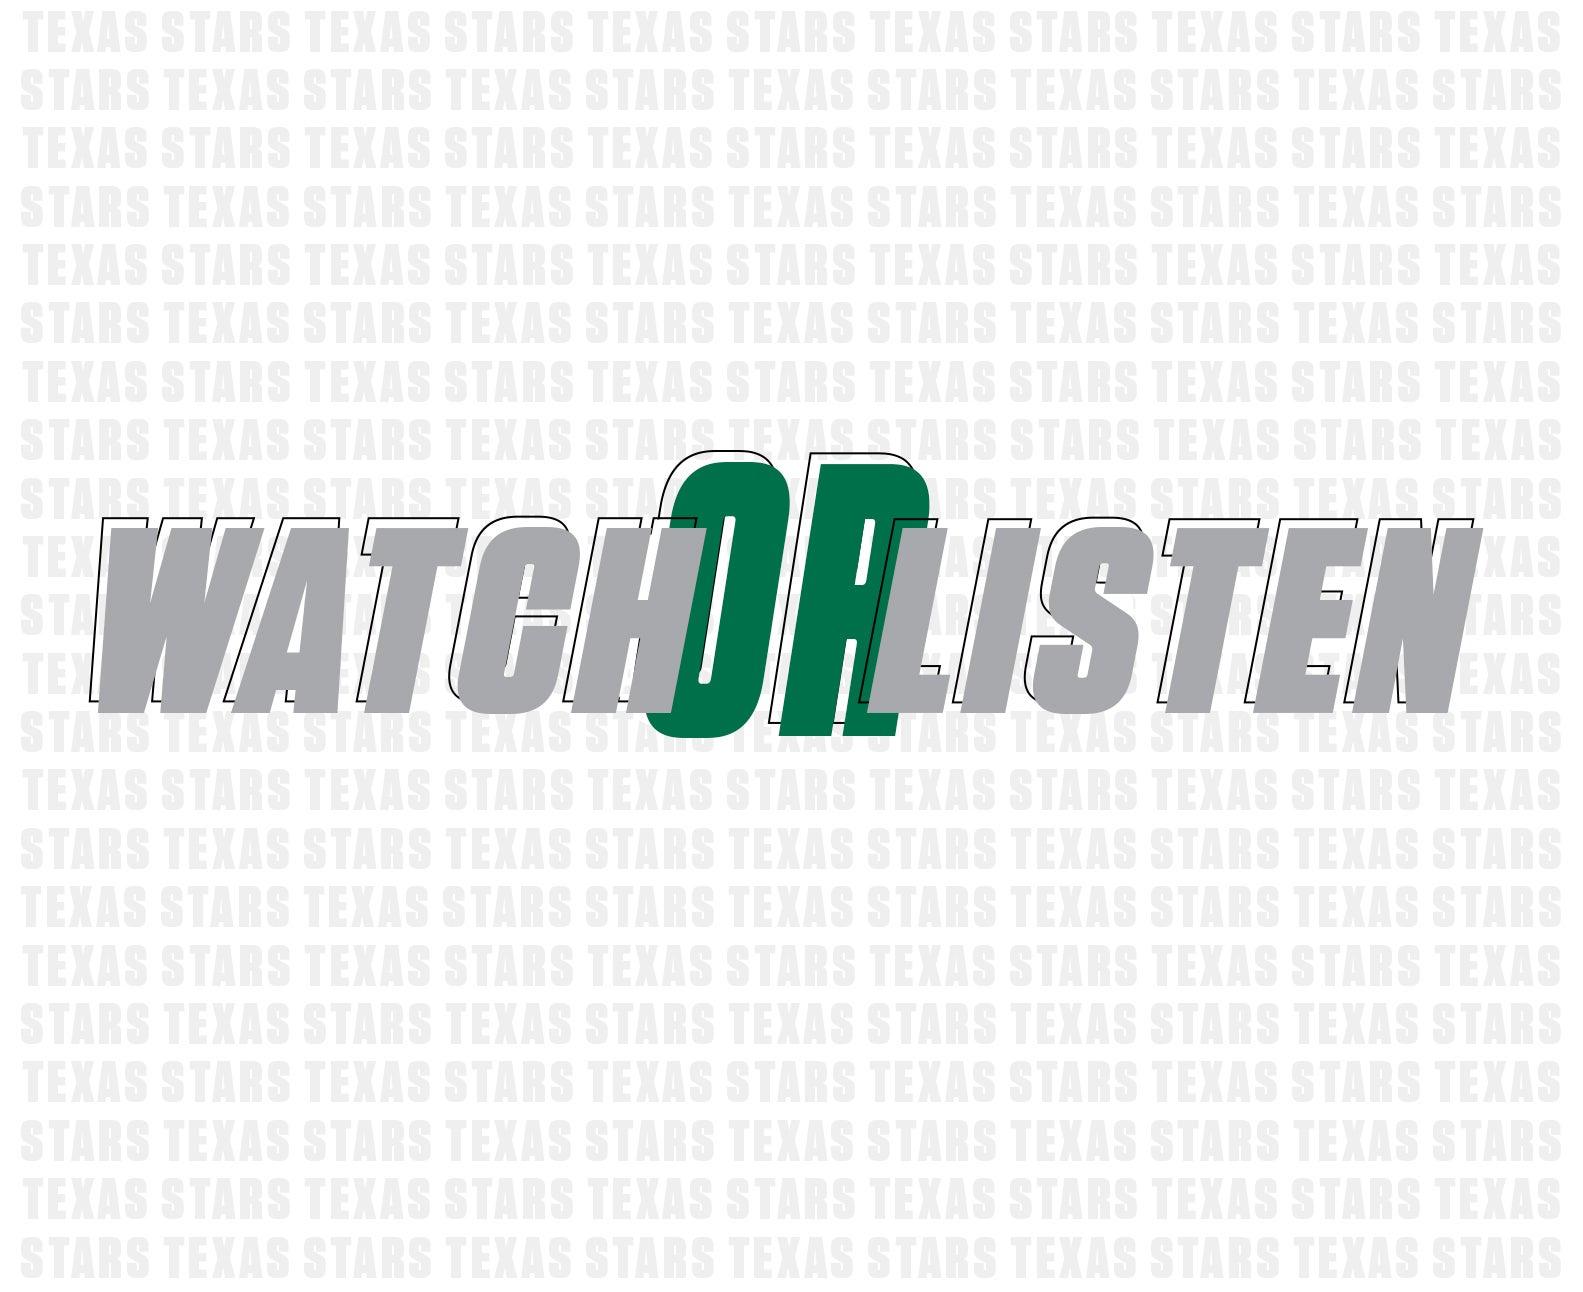 2122WebsiteButtons-WatchorListen.jpg